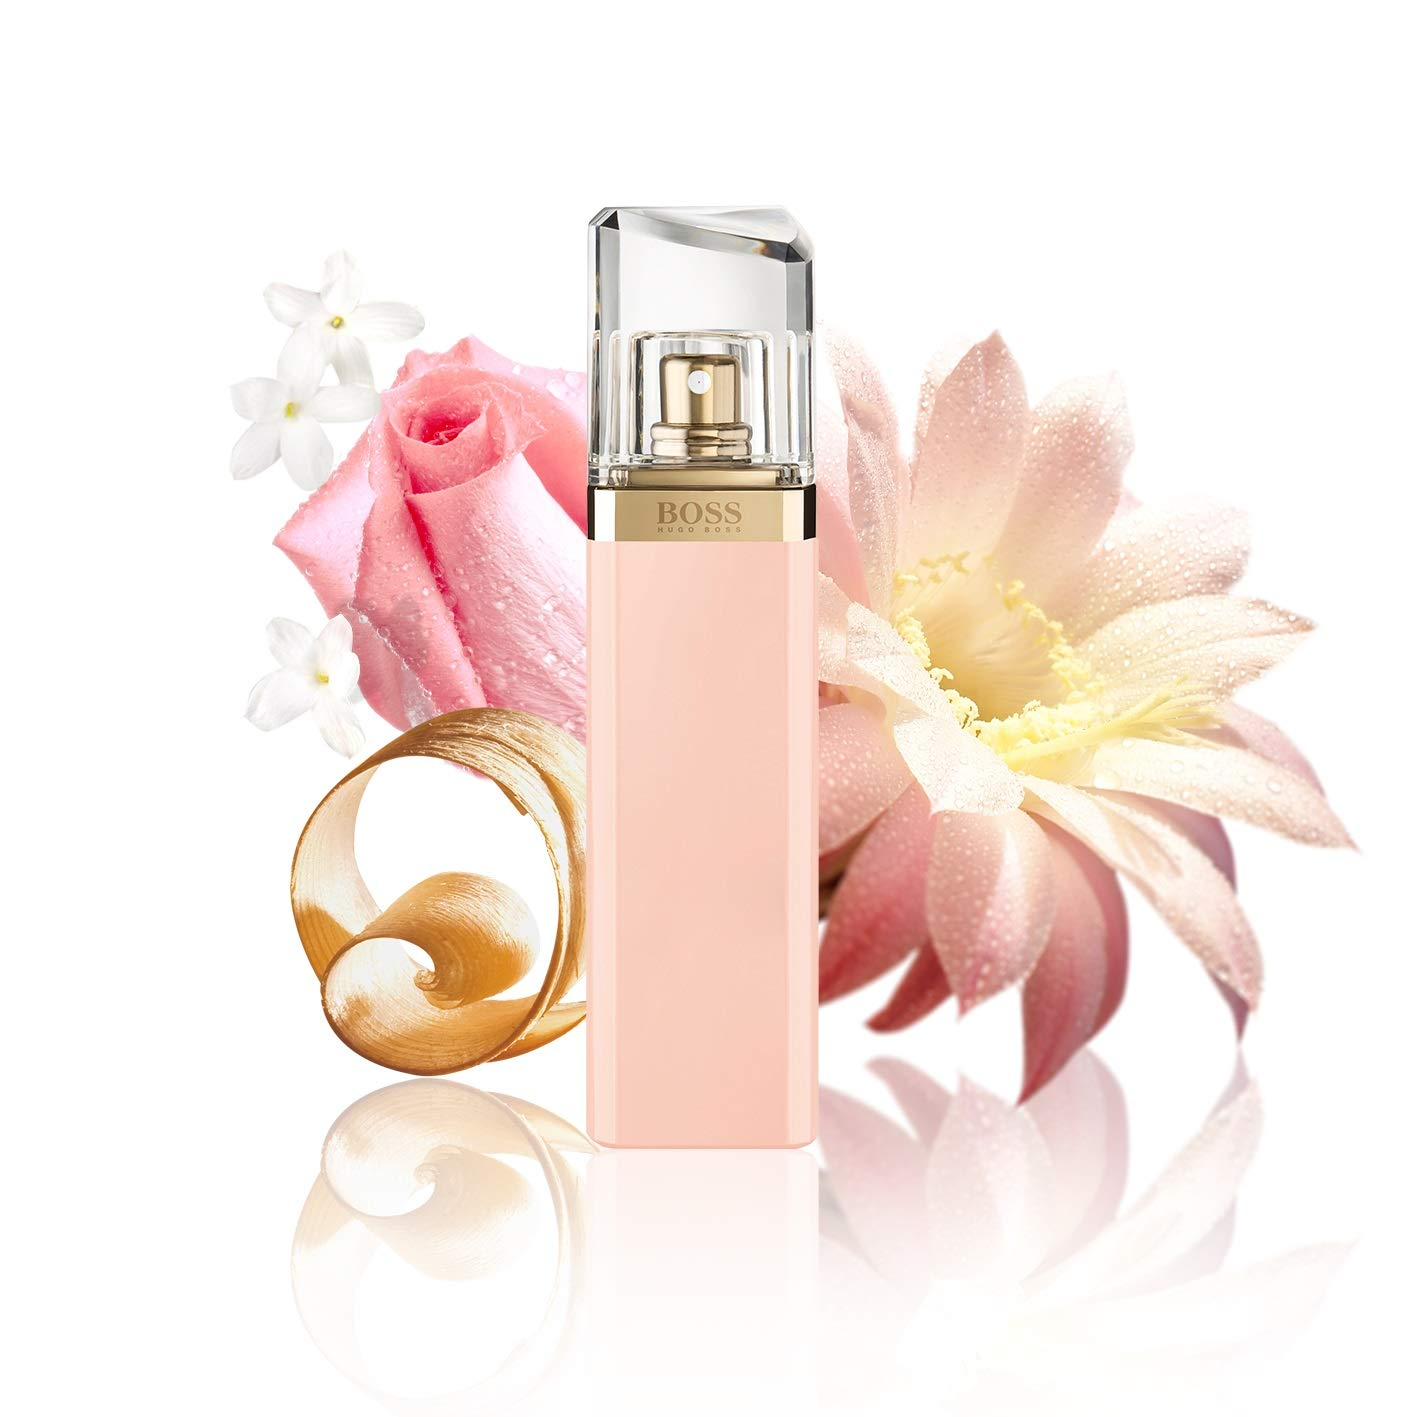 Hugo Boss Ma Vie Eau de Parfum Vaporizador para Mujer - 50 ml: Amazon.es: Belleza